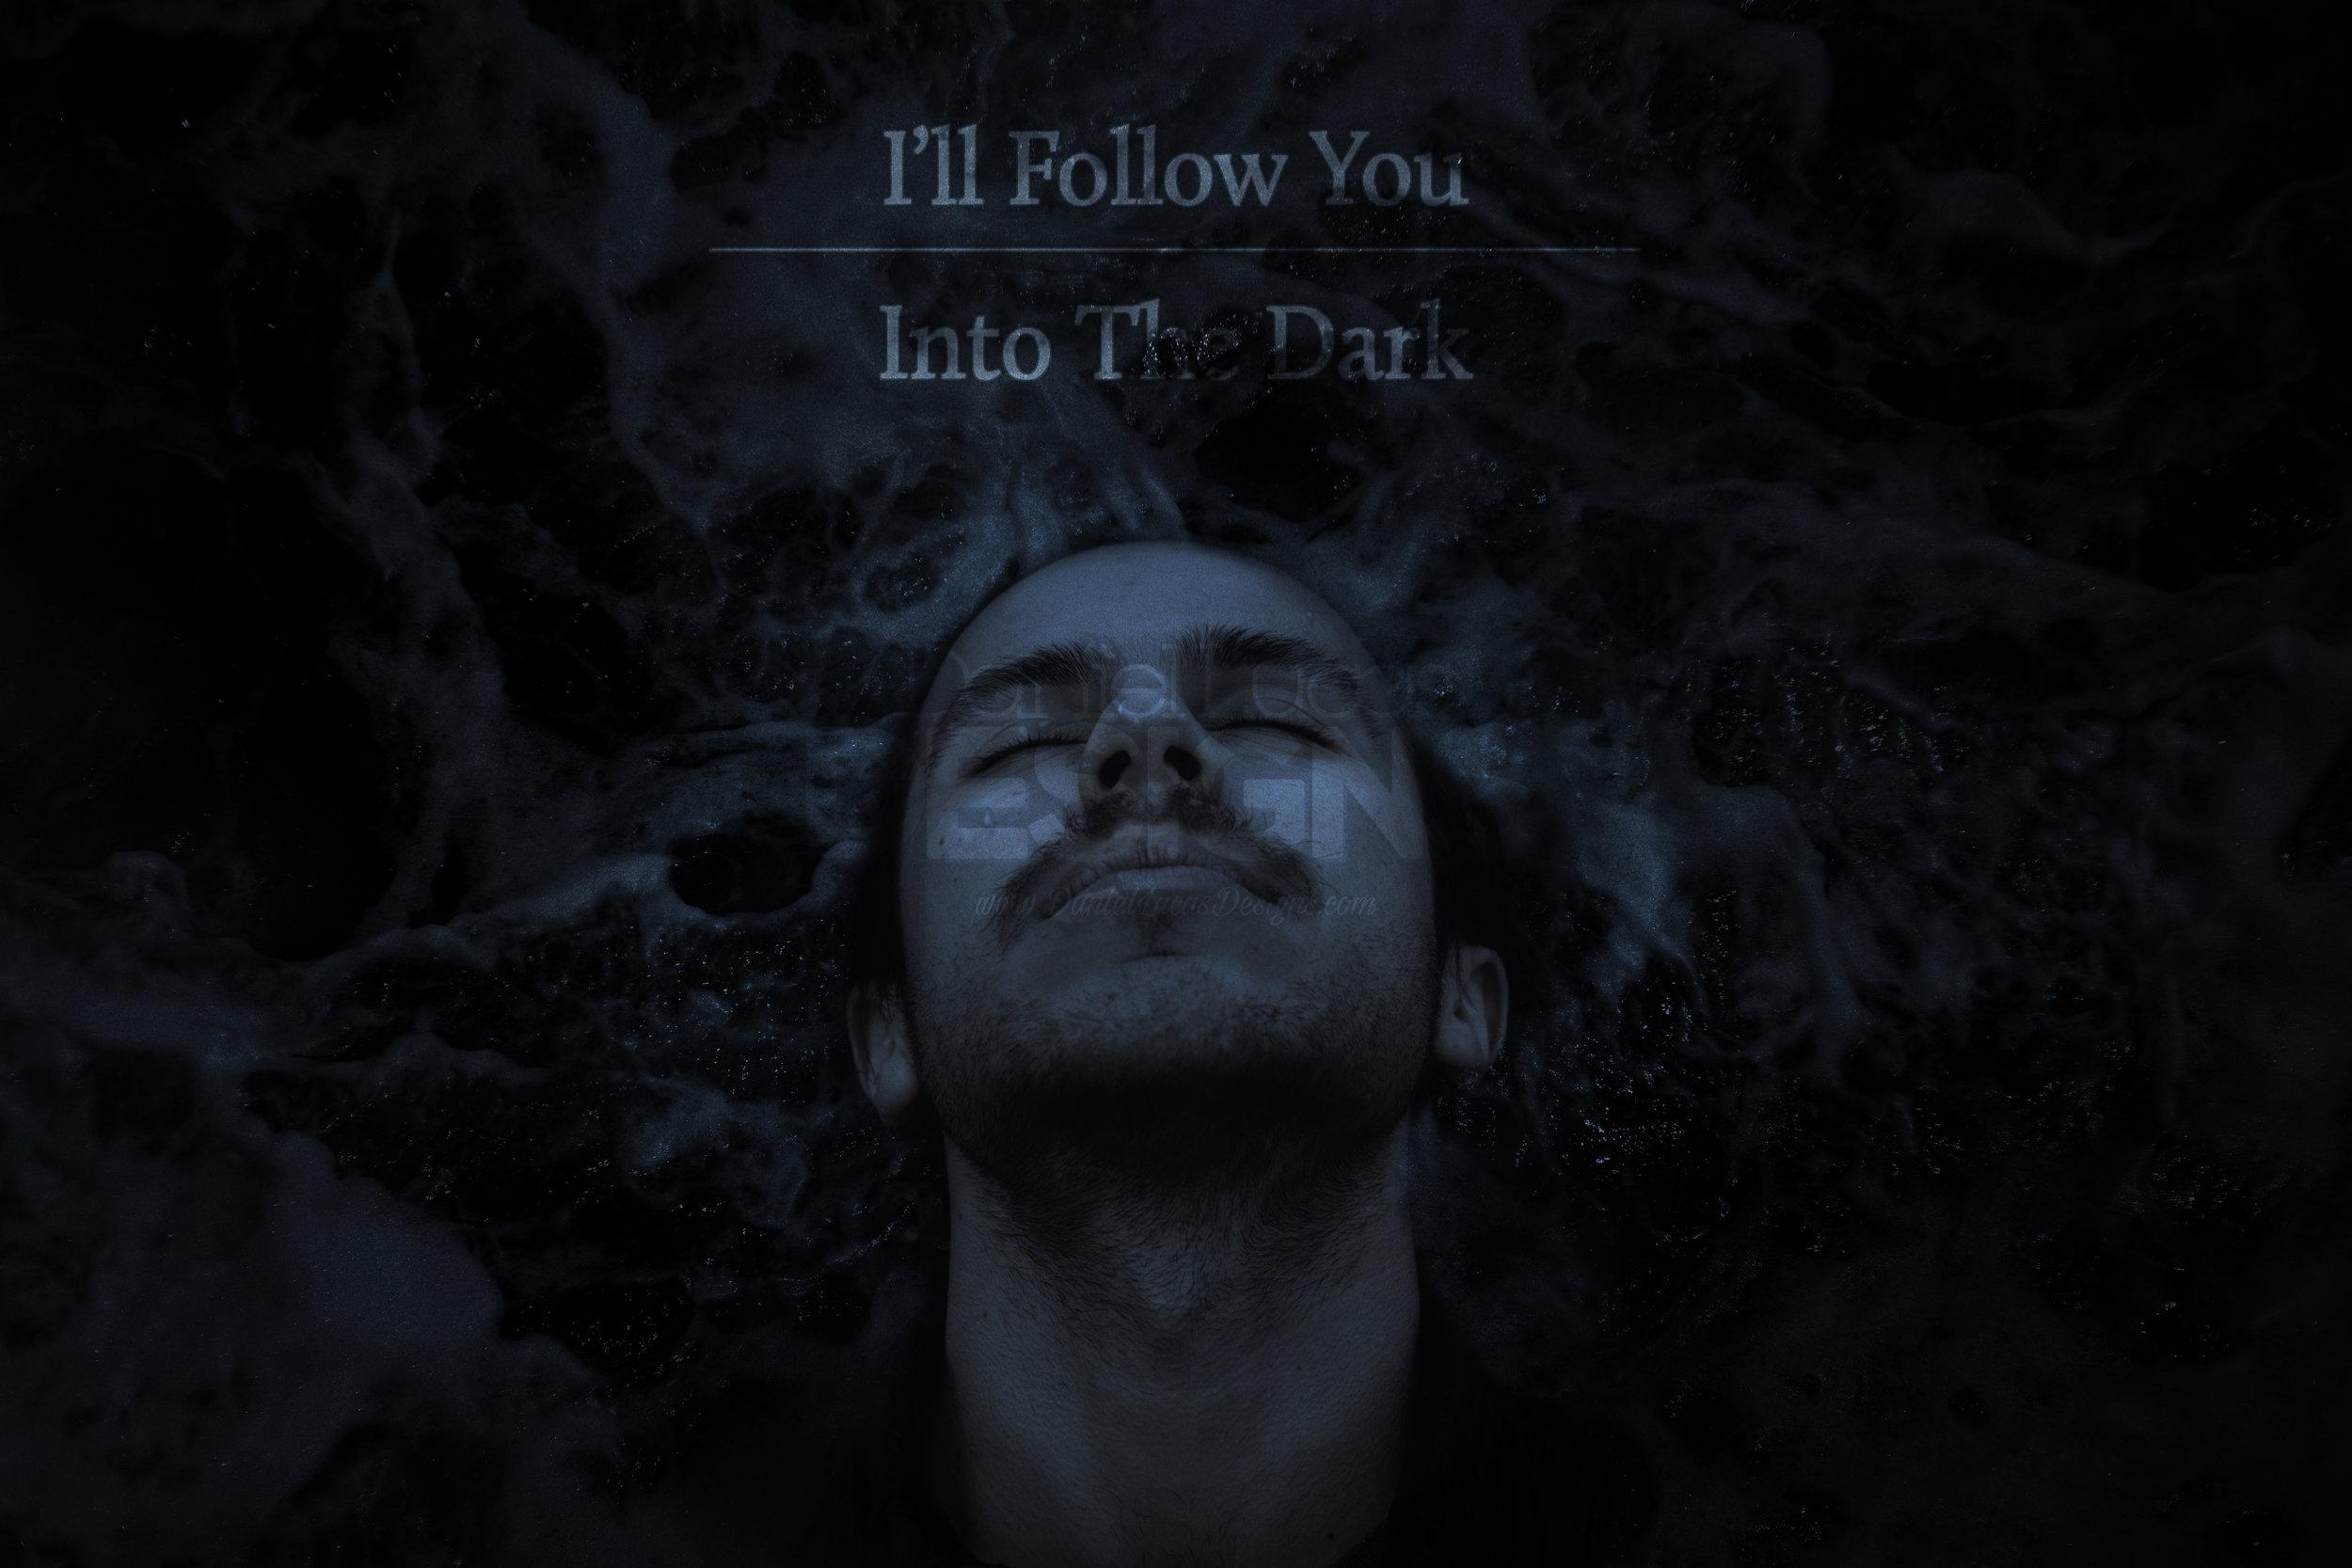 Into The Dark WM.jpg